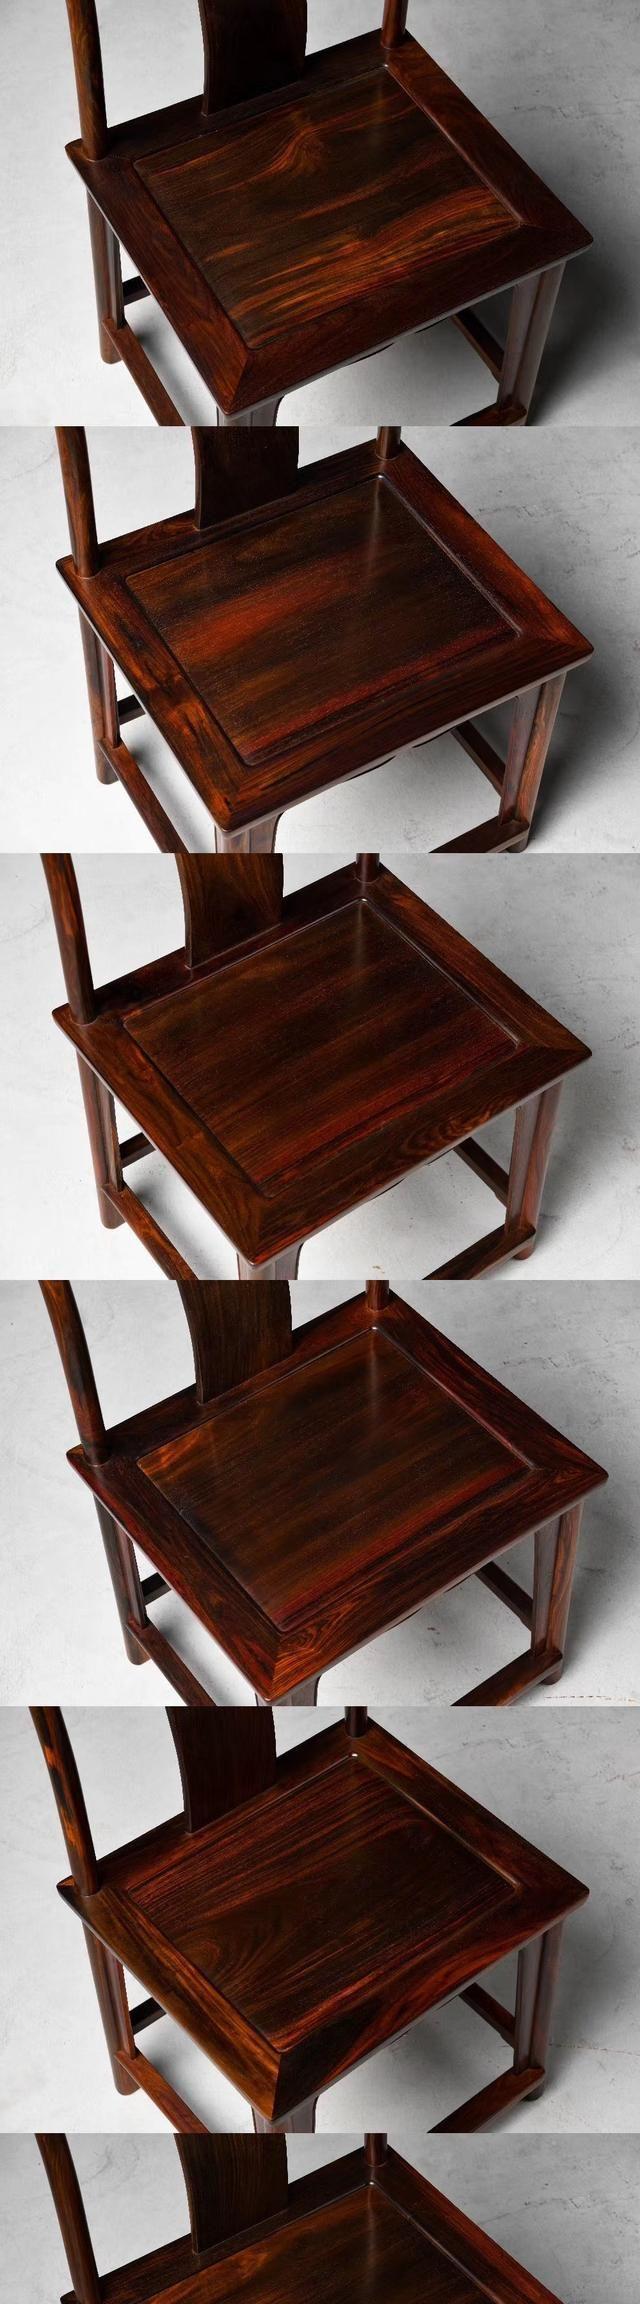 大红酸枝明式圆餐桌红木家具